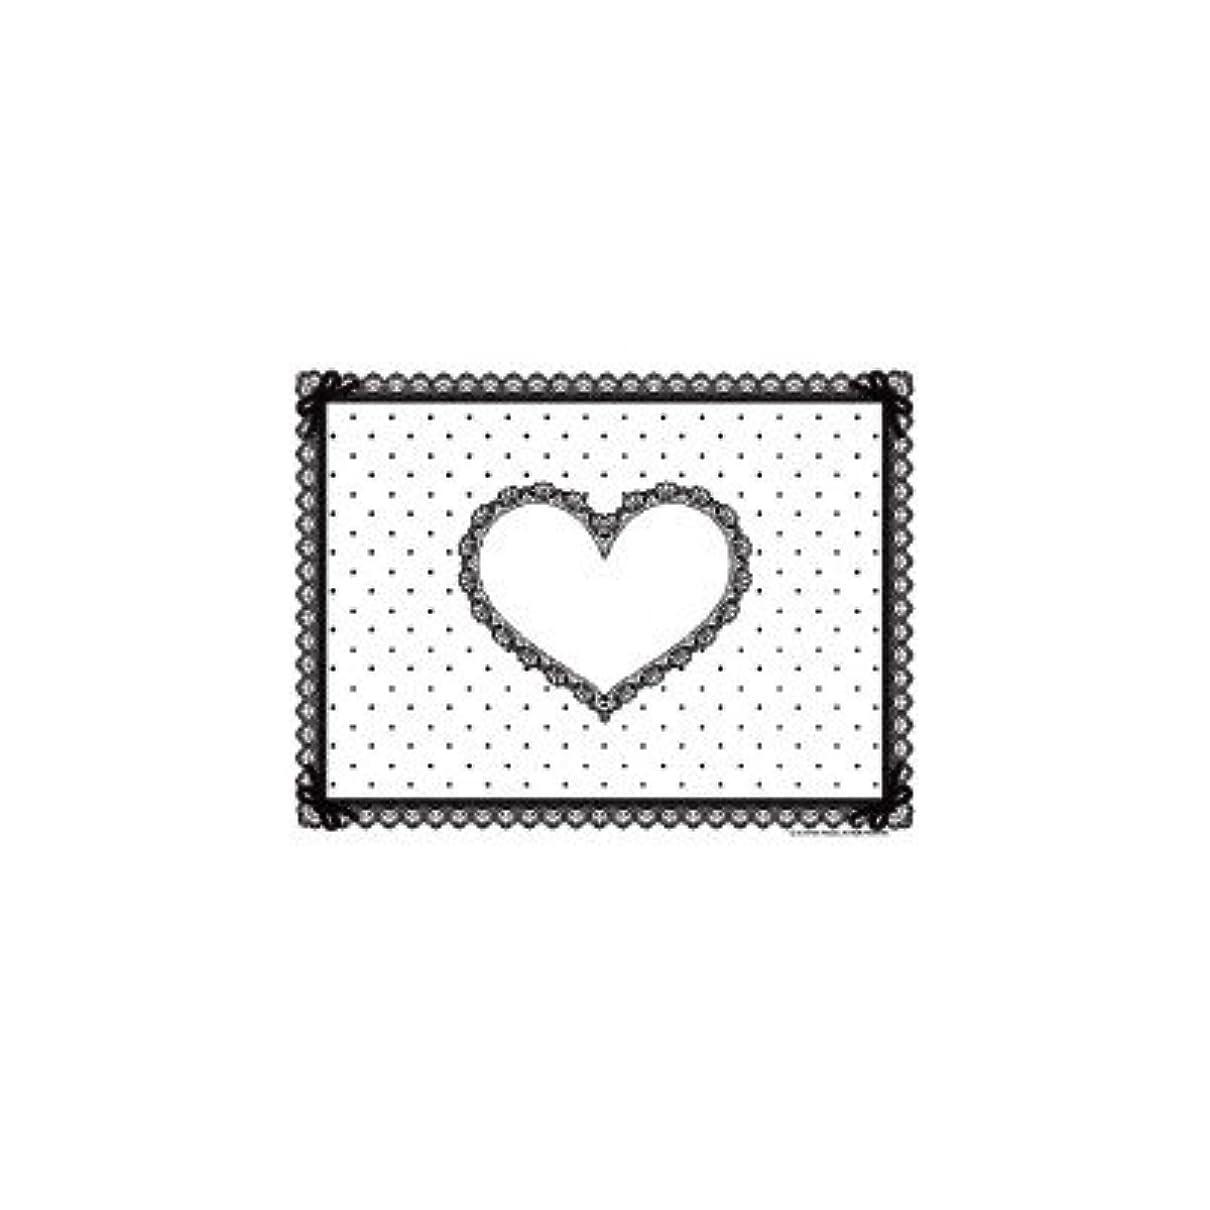 カード縮約適応シリコン ネイルマット ホワイト×ブラック ミニサイズ